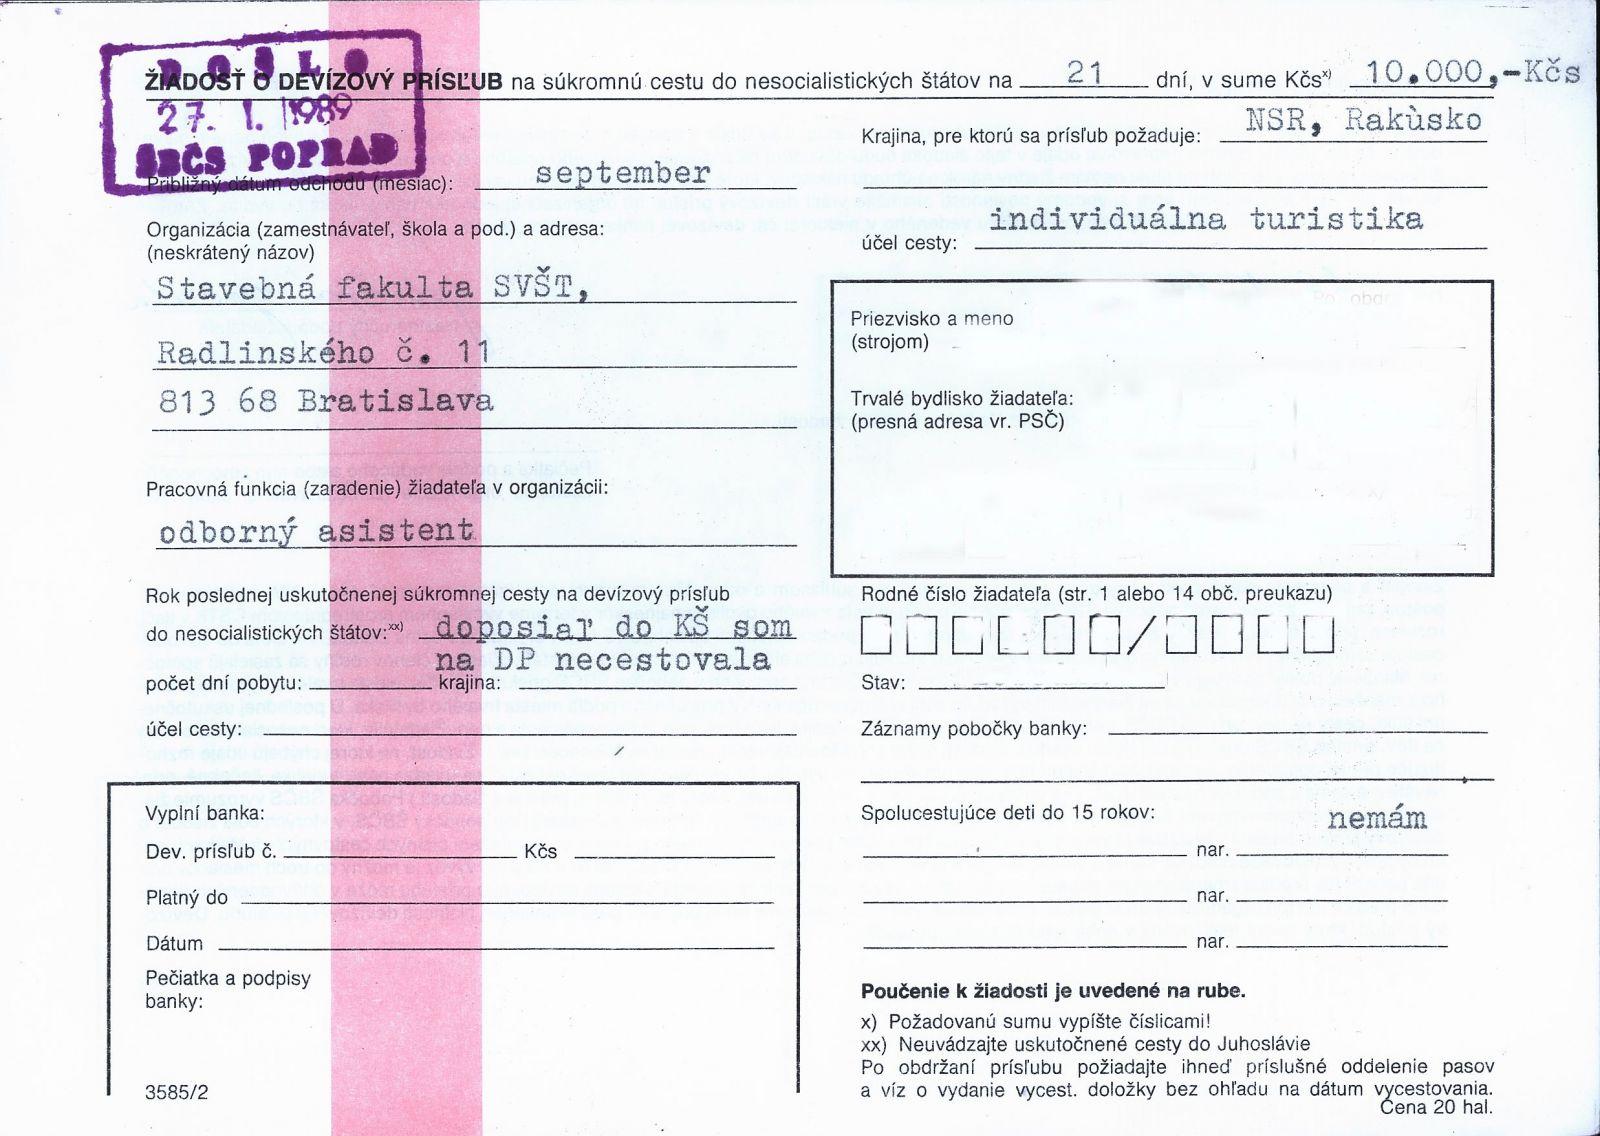 Žiadosť o devízový prísľub z roku 1989